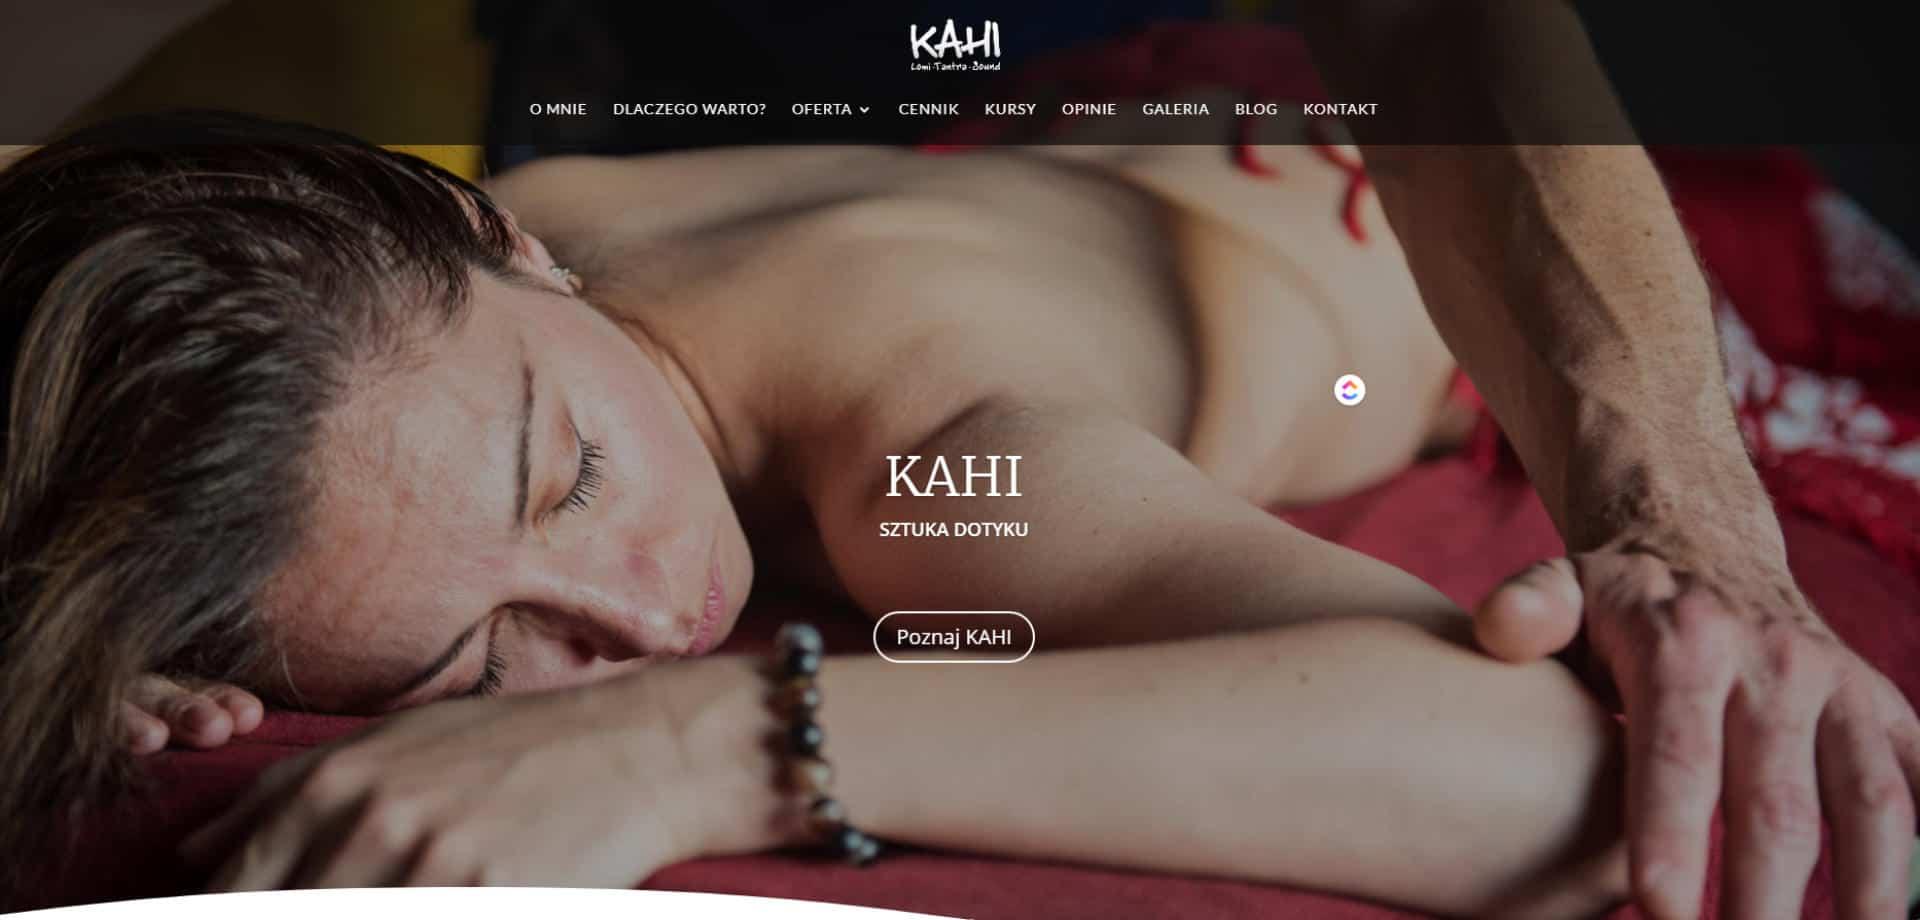 Strona WWW dla KAHI (masaż hawajski i tantryczny)